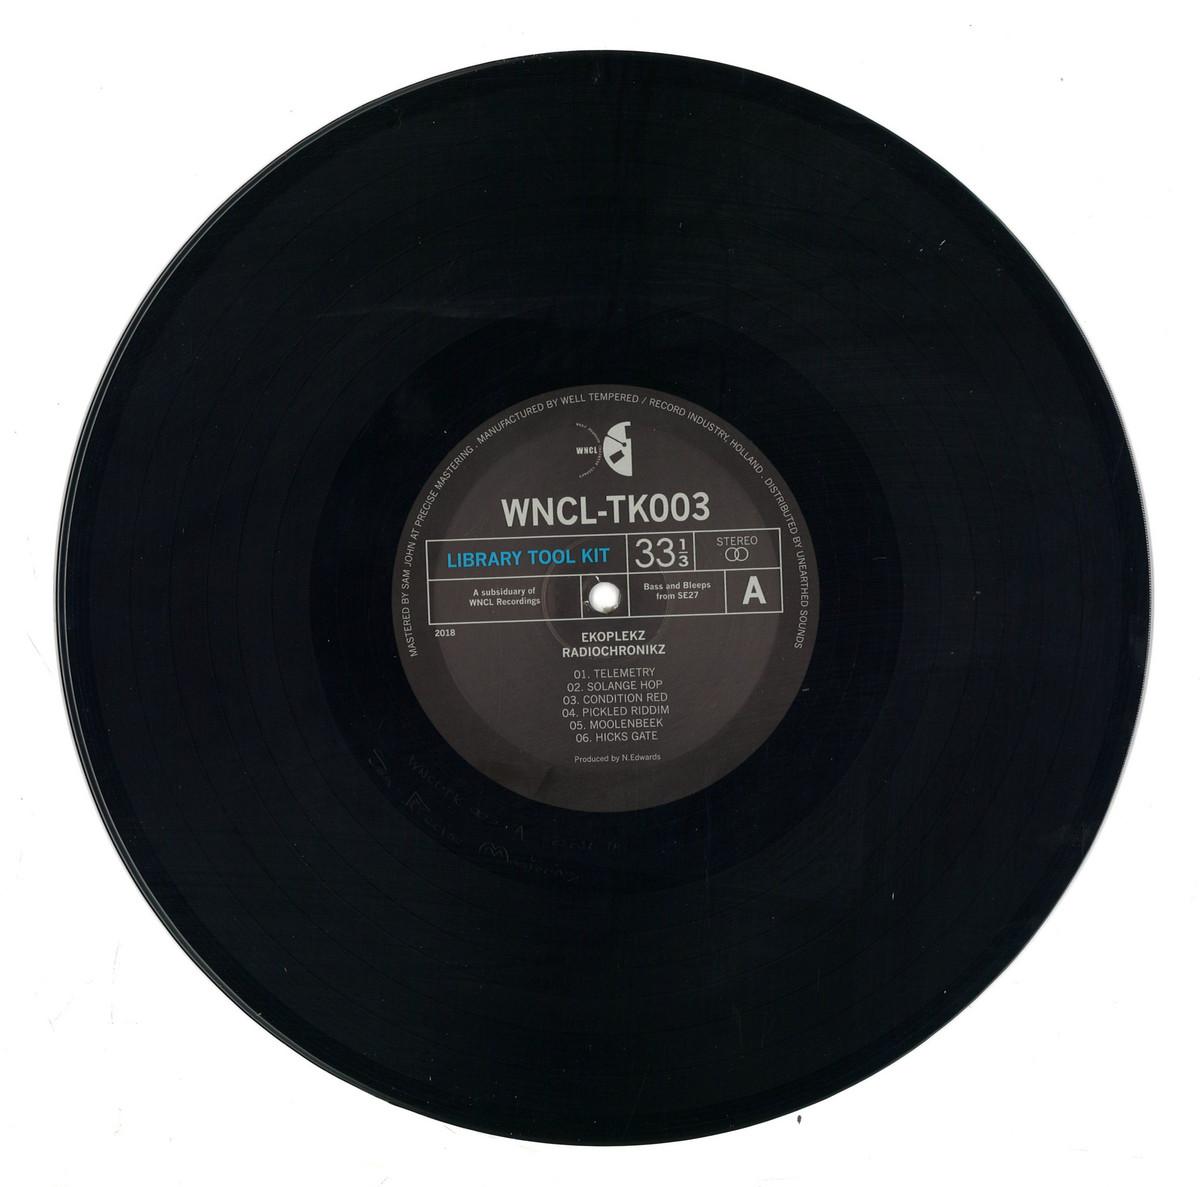 deejay de - WNCL Recordings